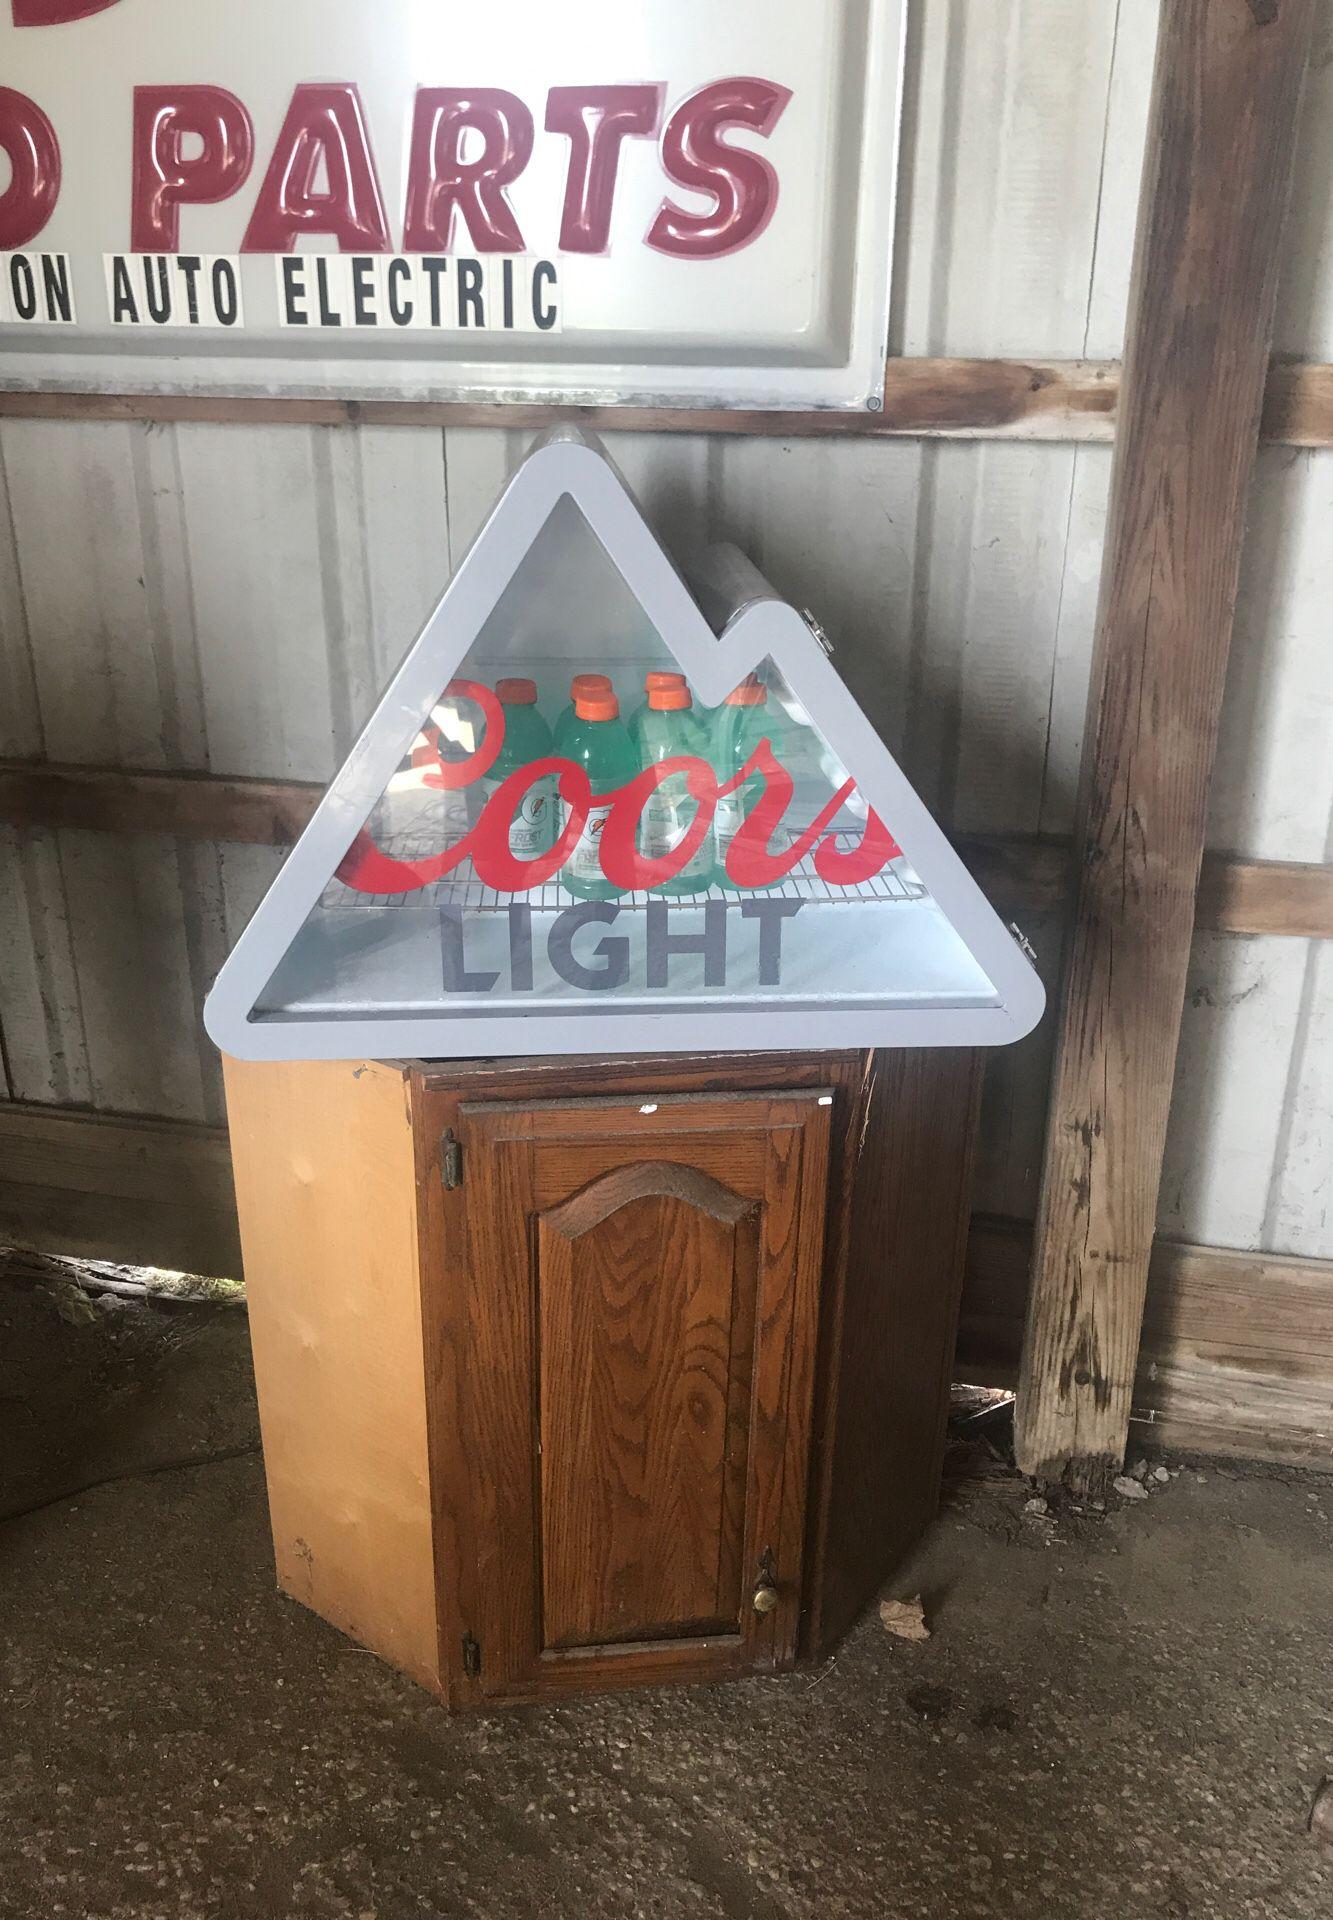 Coors light mini fridge led